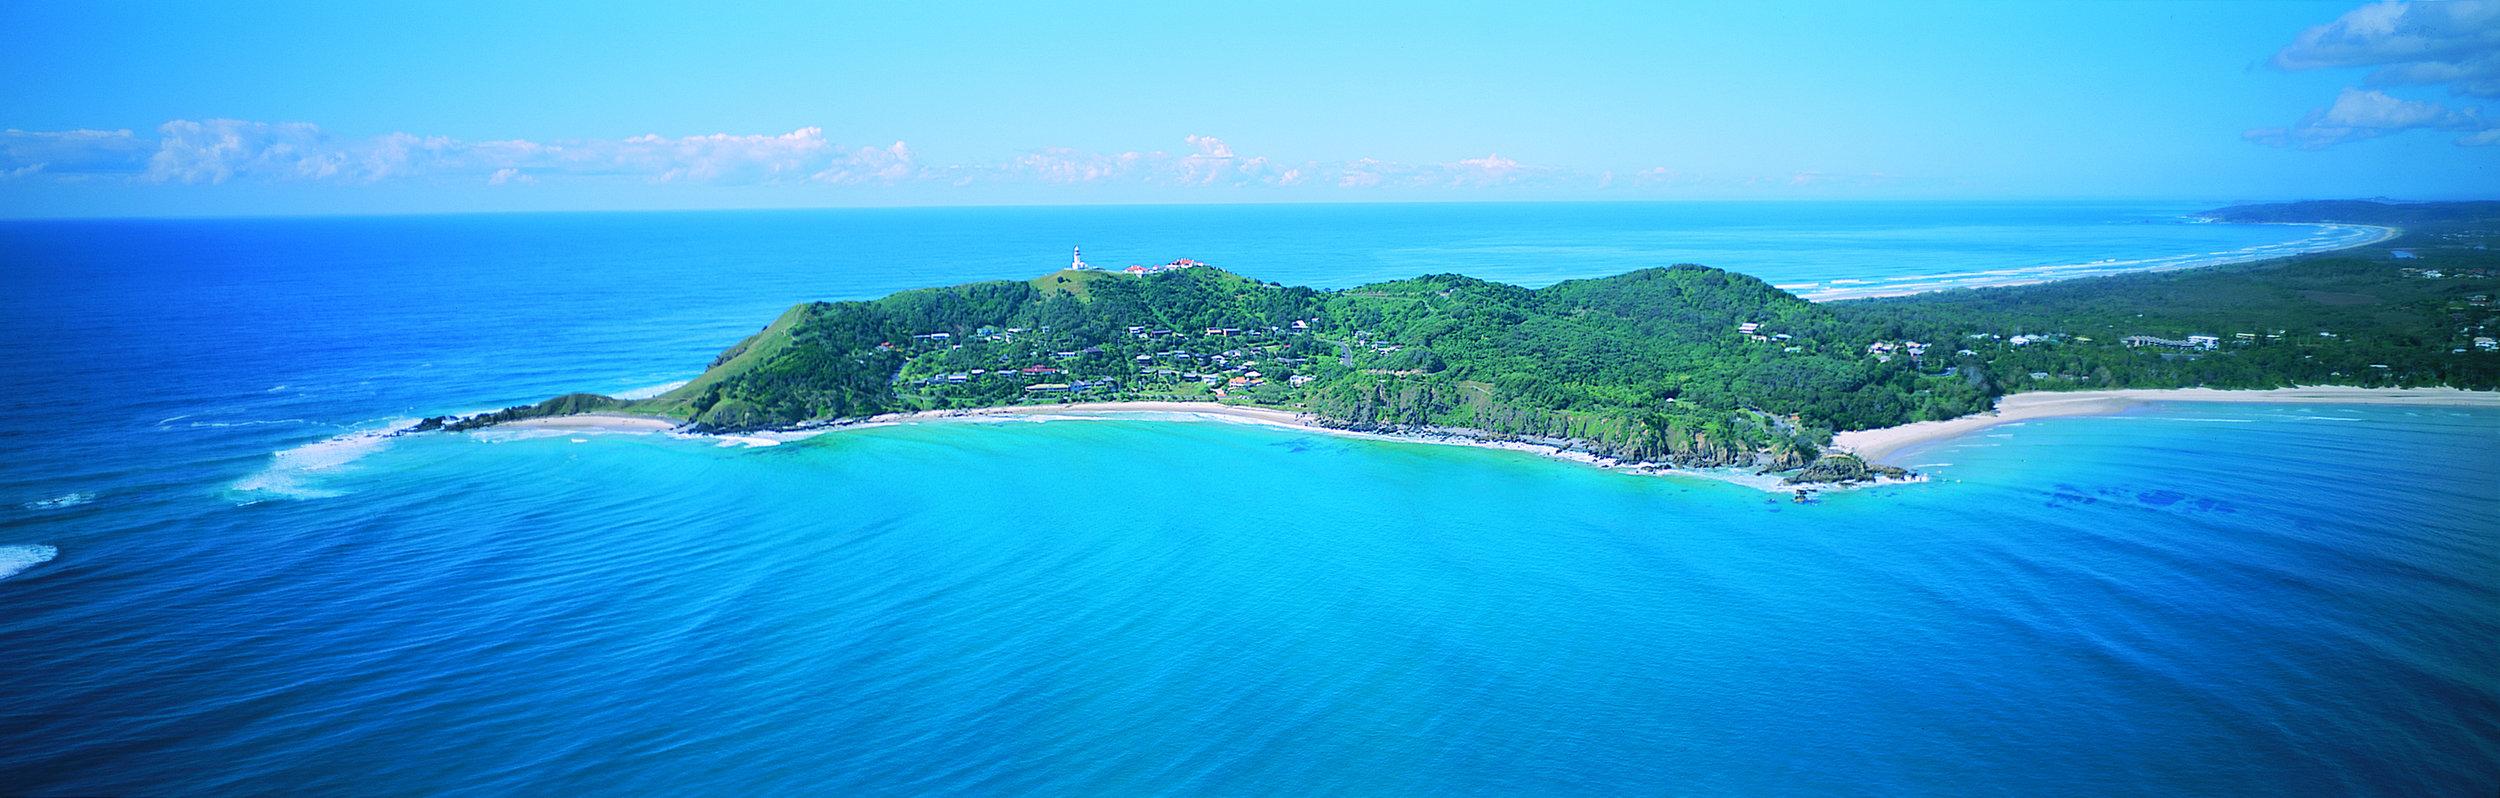 Byron Bay.jpg